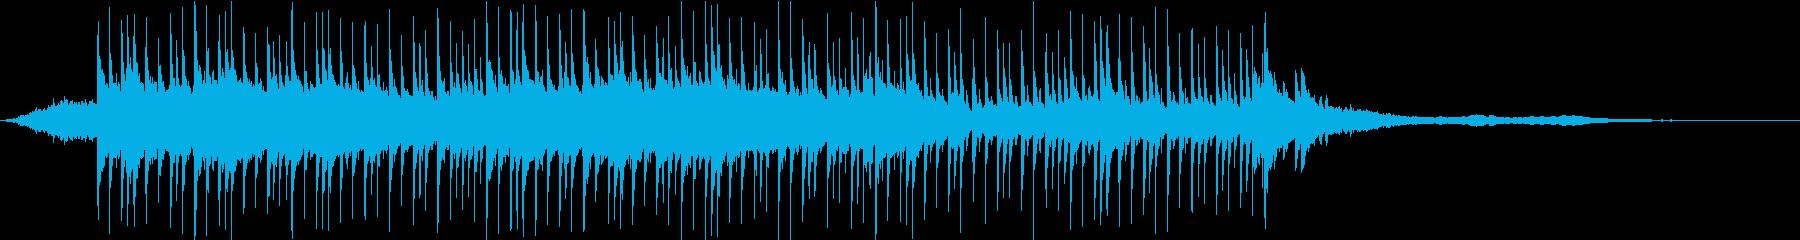 ベルが弾けるポジティブなキラメキポップスの再生済みの波形